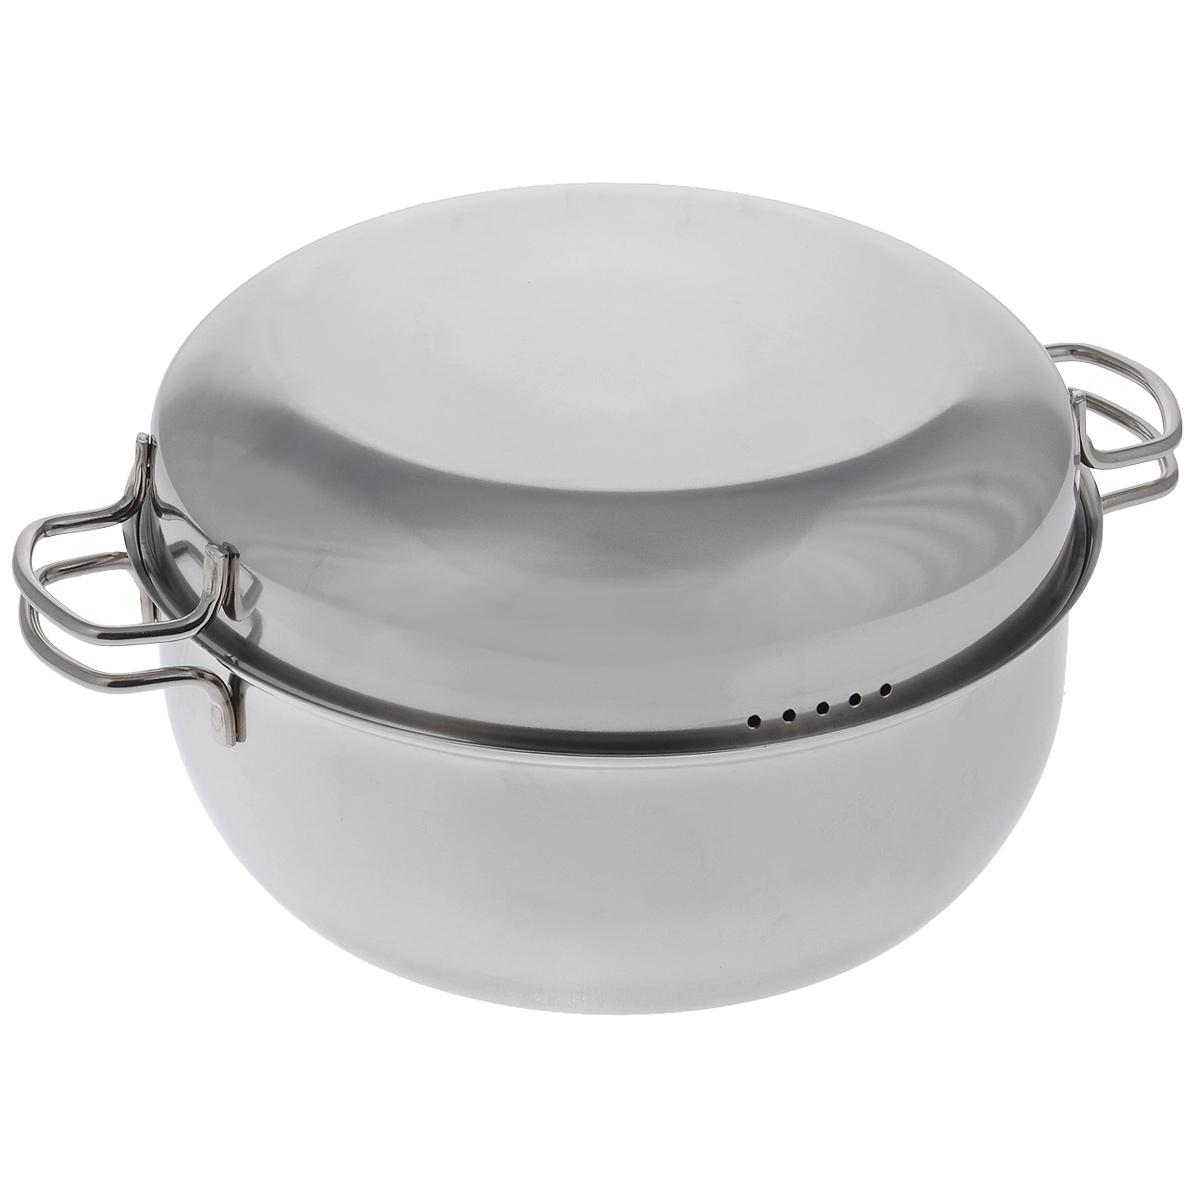 Мантоварка АМЕТ с крышкой, 2 яруса, 4,5 л391602Мантоварка АМЕТ предназначена для приготовления диетических блюд на пару, в частности - мантов. Изделие гигиенично и безопасно для здоровья. Нержавеющая сталь обладает малой теплопроводностью, поэтому посуда из нее остывает гораздо медленнее, чем любой другой вид посуды, а значит, приготовленное в ней более длительное время остается горячим. Мантоварка имеет две решетки с ручками из нержавеющей стали, на ножках и крышку. Крышка плотно прилегает к краю мантоварки, сохраняя аромат блюд. Крышка оснащена двумя удобными ручками и отверстиями для выпуска пара. Подходит для газовых и электрических плит. Можно мыть в посудомоечной машине. Высота стенки: 11,5 см. Толщина стенки: 0,2 см. Толщина дна: 0,3 см. Ширина мантоварки (с учетом ручек): 35 см. Диаметр решетки: 25 см. Высота решетки (с учетом ножек и ручки): 9,5 см.Высота мантоварки (с учетом крышки): 16 см.